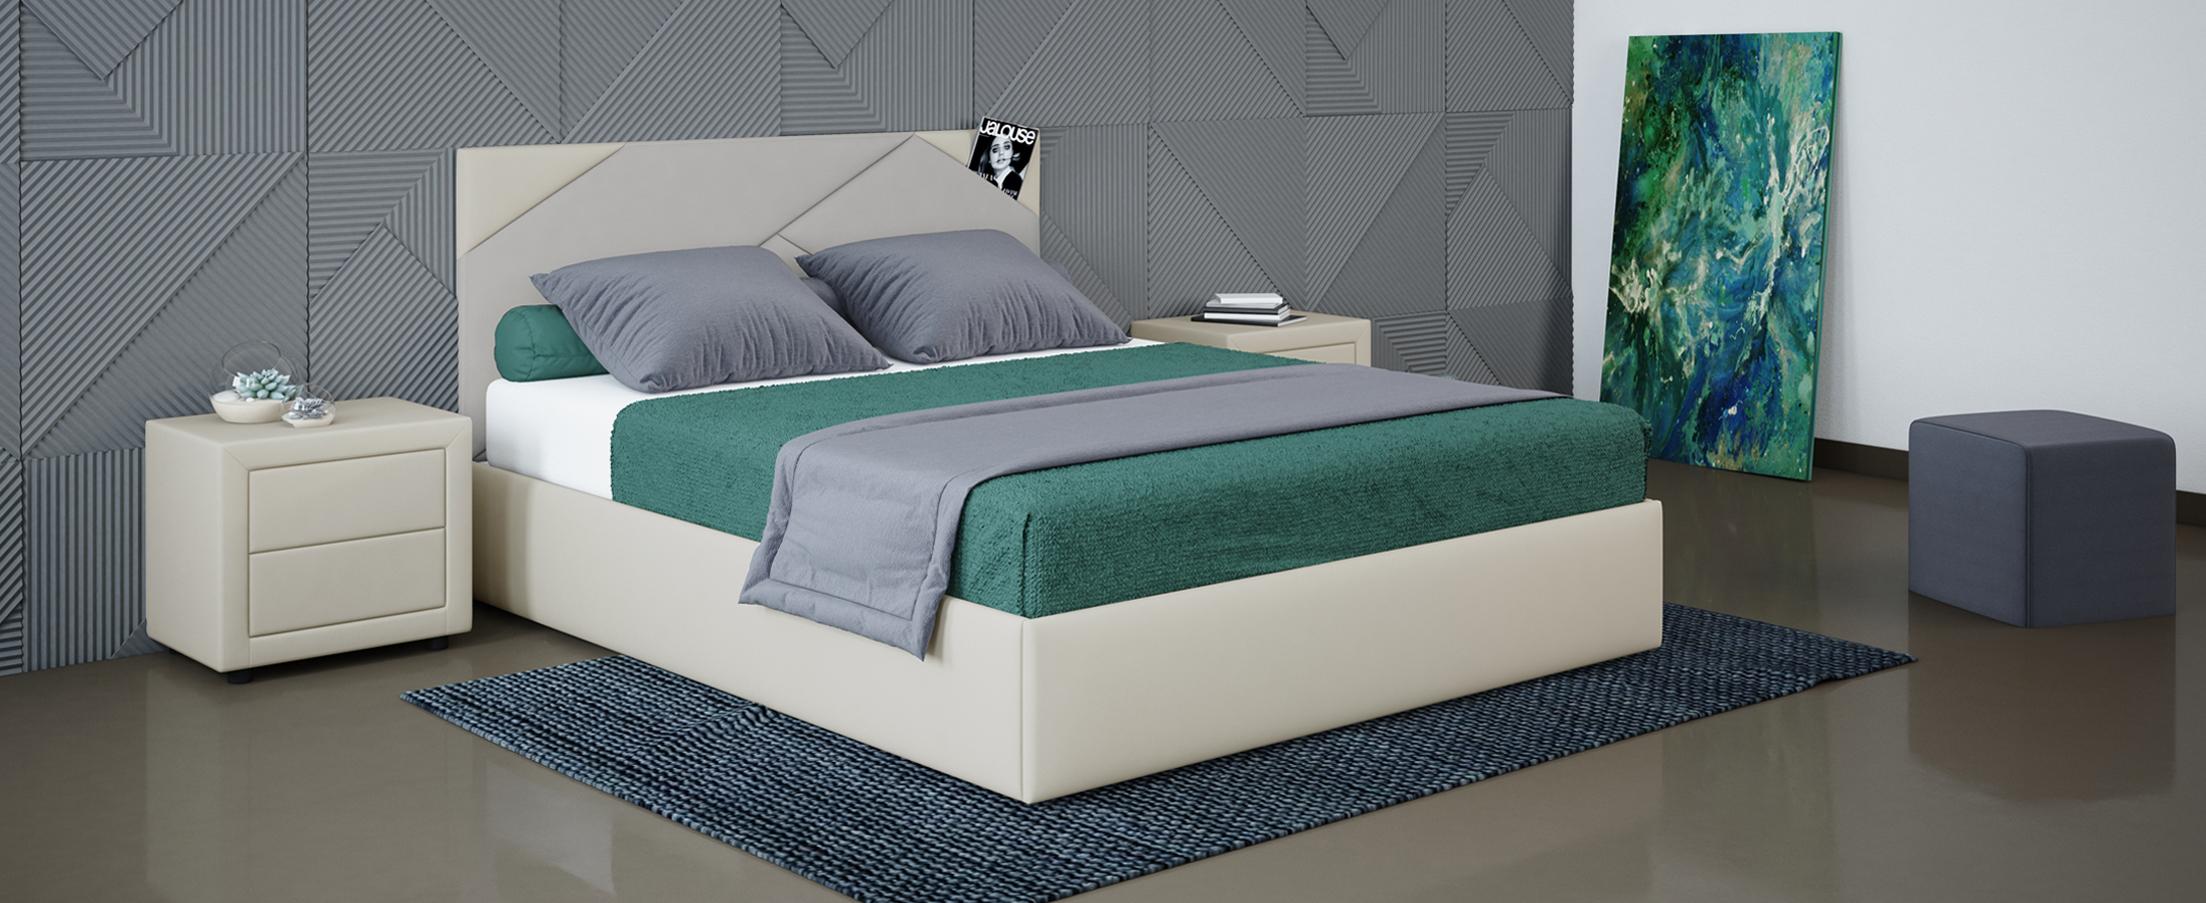 Кровать двуспальная Альба 140х200 Модель 1206Уникальность кровати Альба заключается в геометрических элементах мягкого изголовья, такой дизайнерский прием поможет задать ритм всему интерьеру.<br><br>Ширина спального места см: 140<br>Глубина спального места см: 200<br>Ширина см: 148<br>Глубина см: 210<br>Высота см: 105<br>Встроенное основание: Есть<br>Материал каркаса: ЛДСП<br>Материал обивки: Экокожа, Велюр<br>Подъемный механизм: Нет<br>Цвет: Серый, Белый<br>Код ткани: 74-5, 36-148